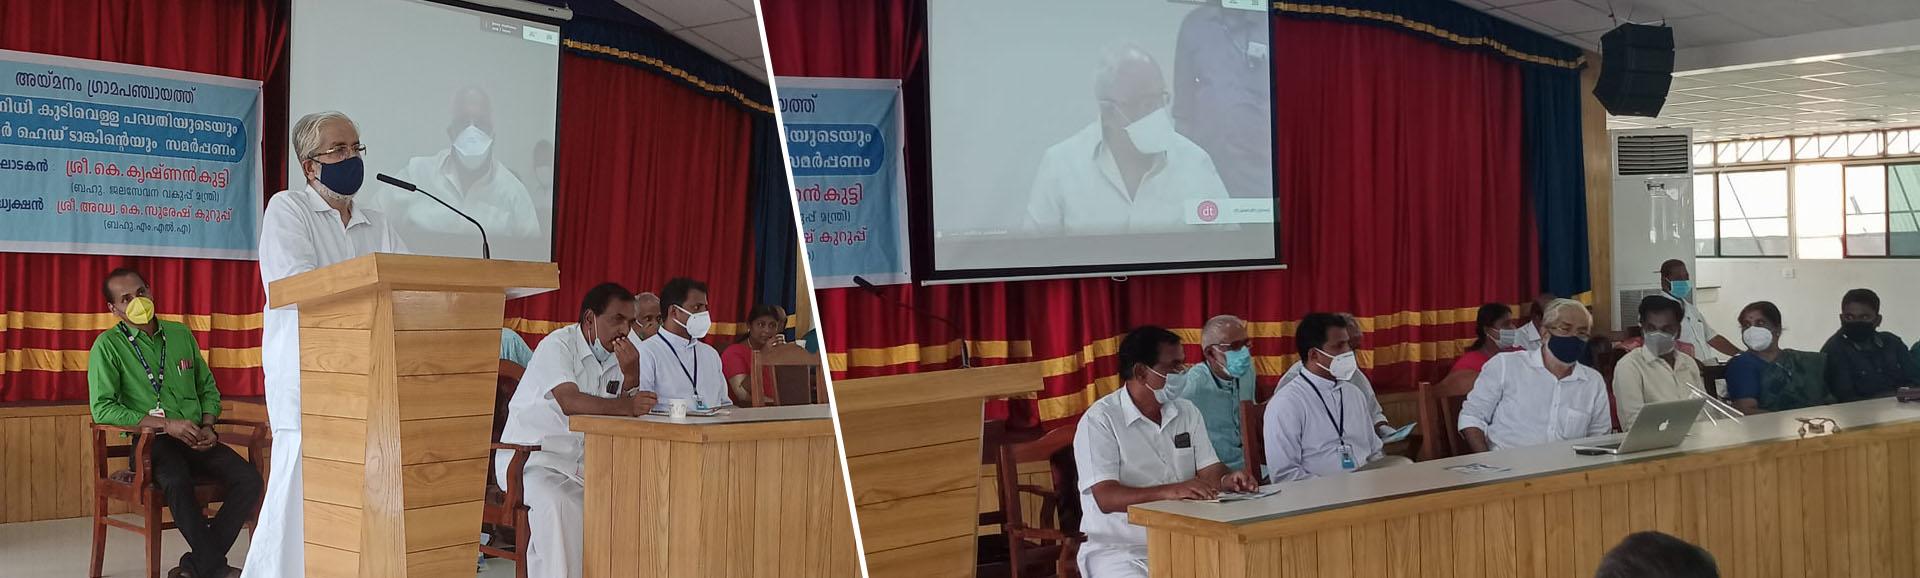 Jalanidhi project inauguration at Aymanam Grama Panchayath on Sep 14th 2020